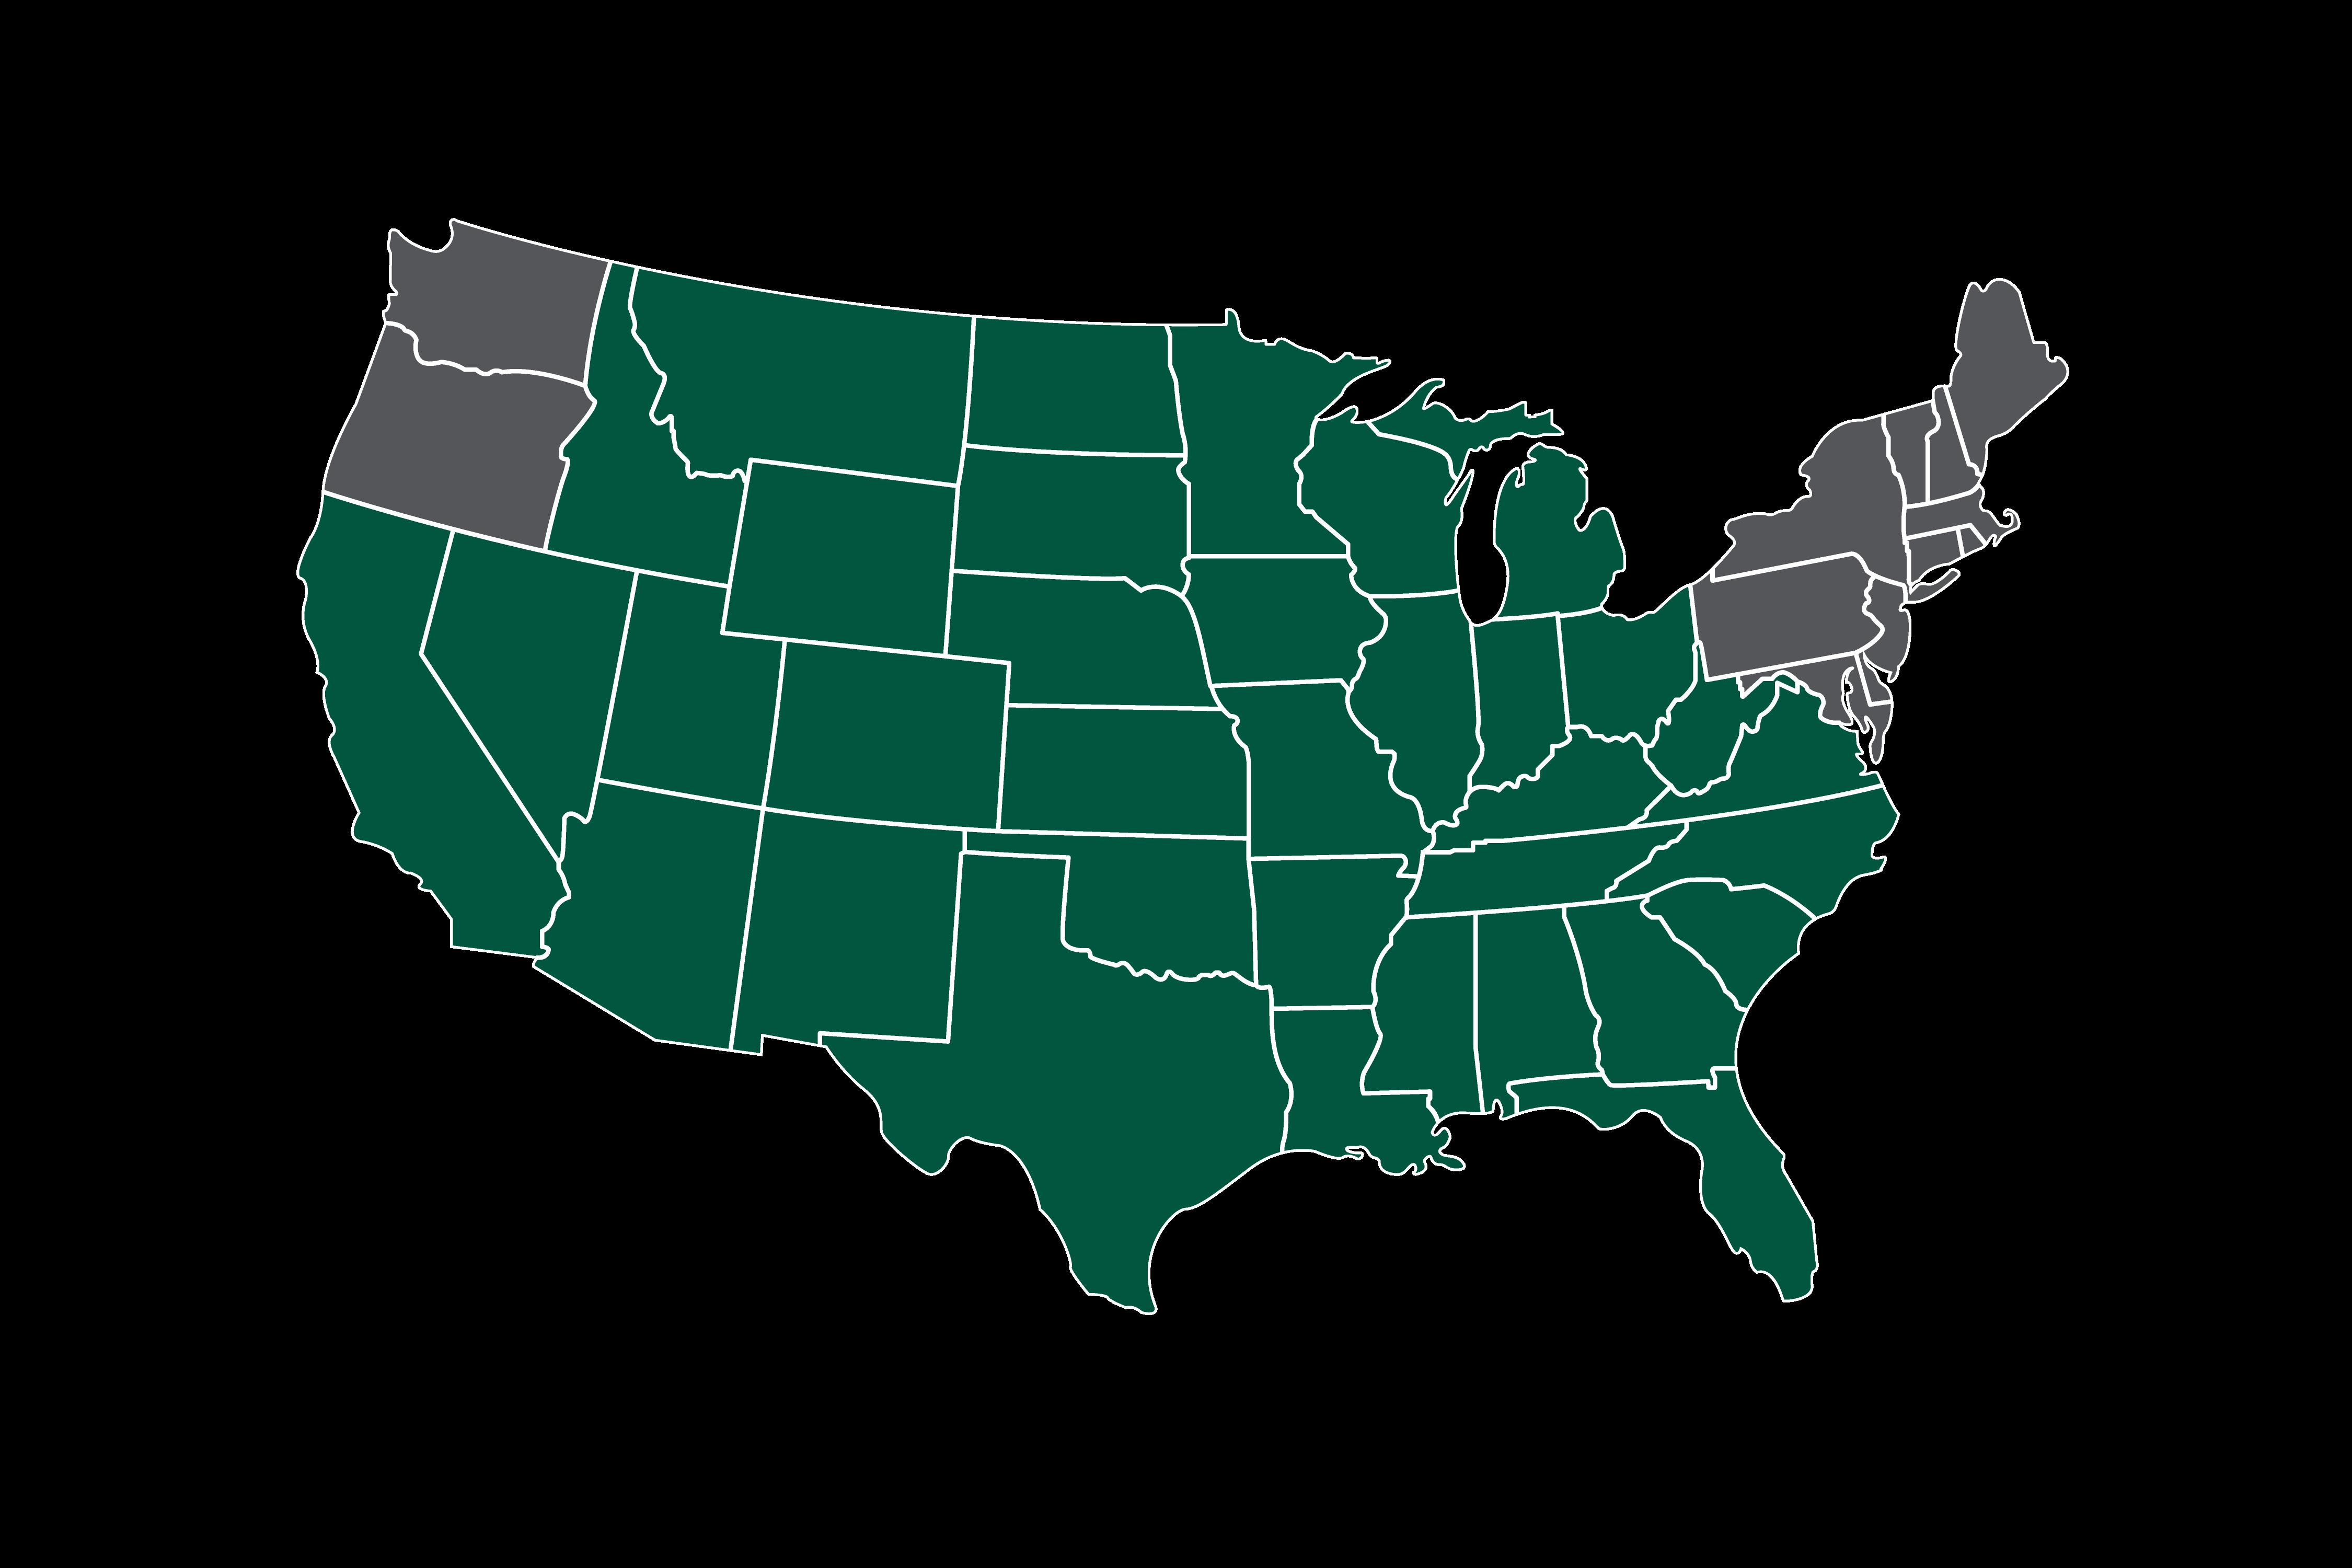 Kramer Trucking map